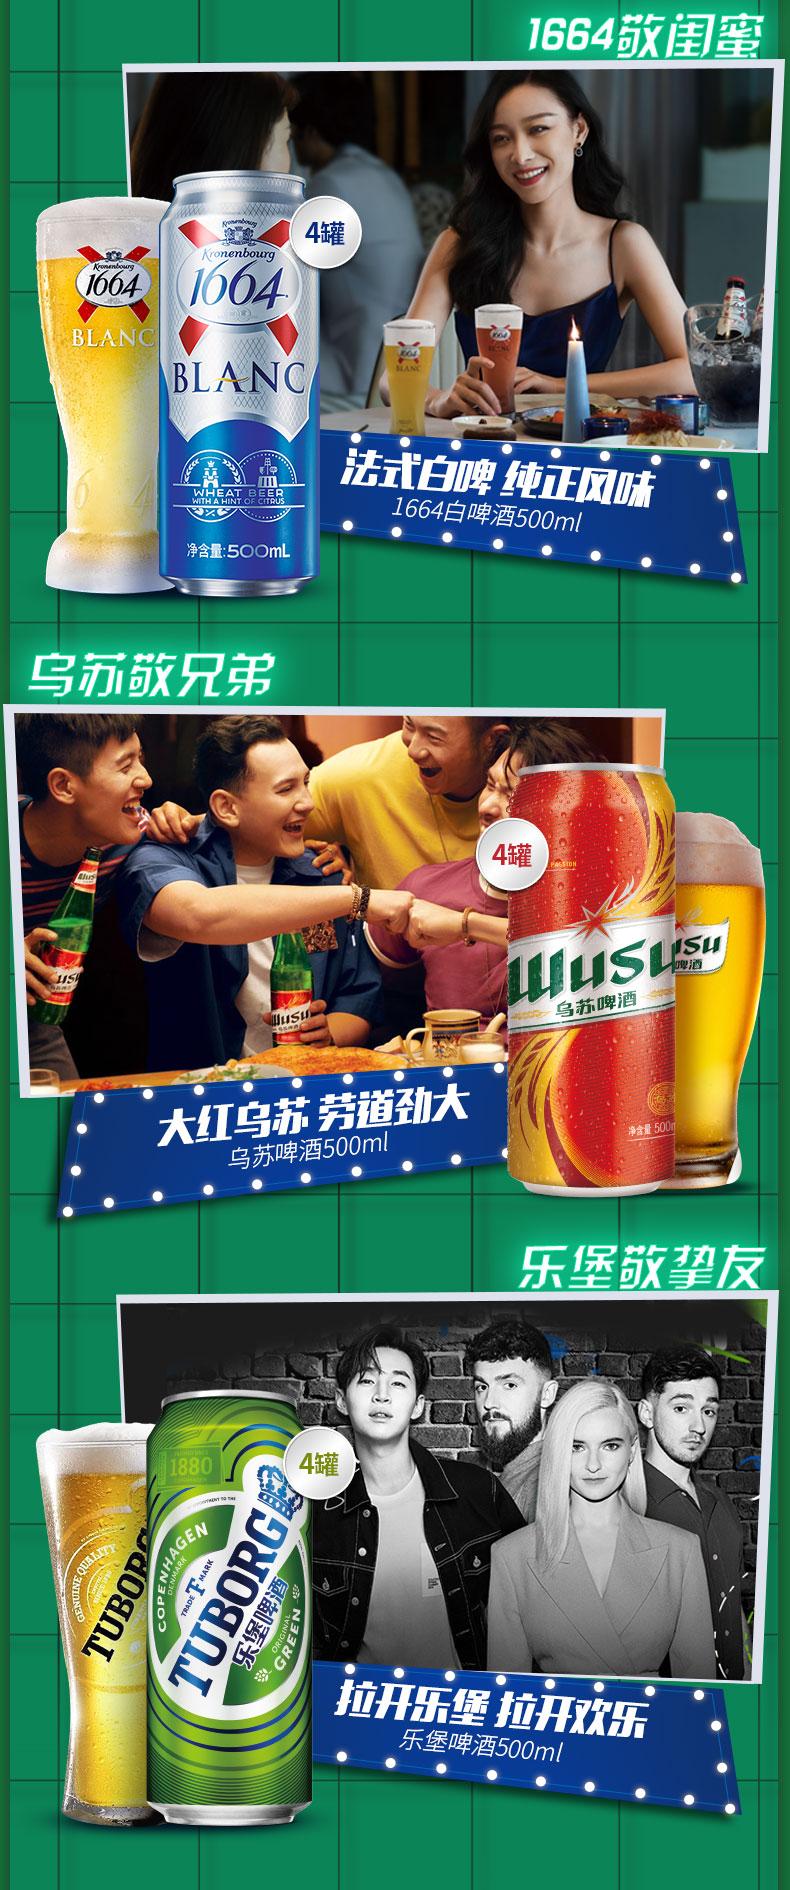 嘉士伯+1664白啤+红乌苏+乐堡 500ml*16罐啤酒听 图3